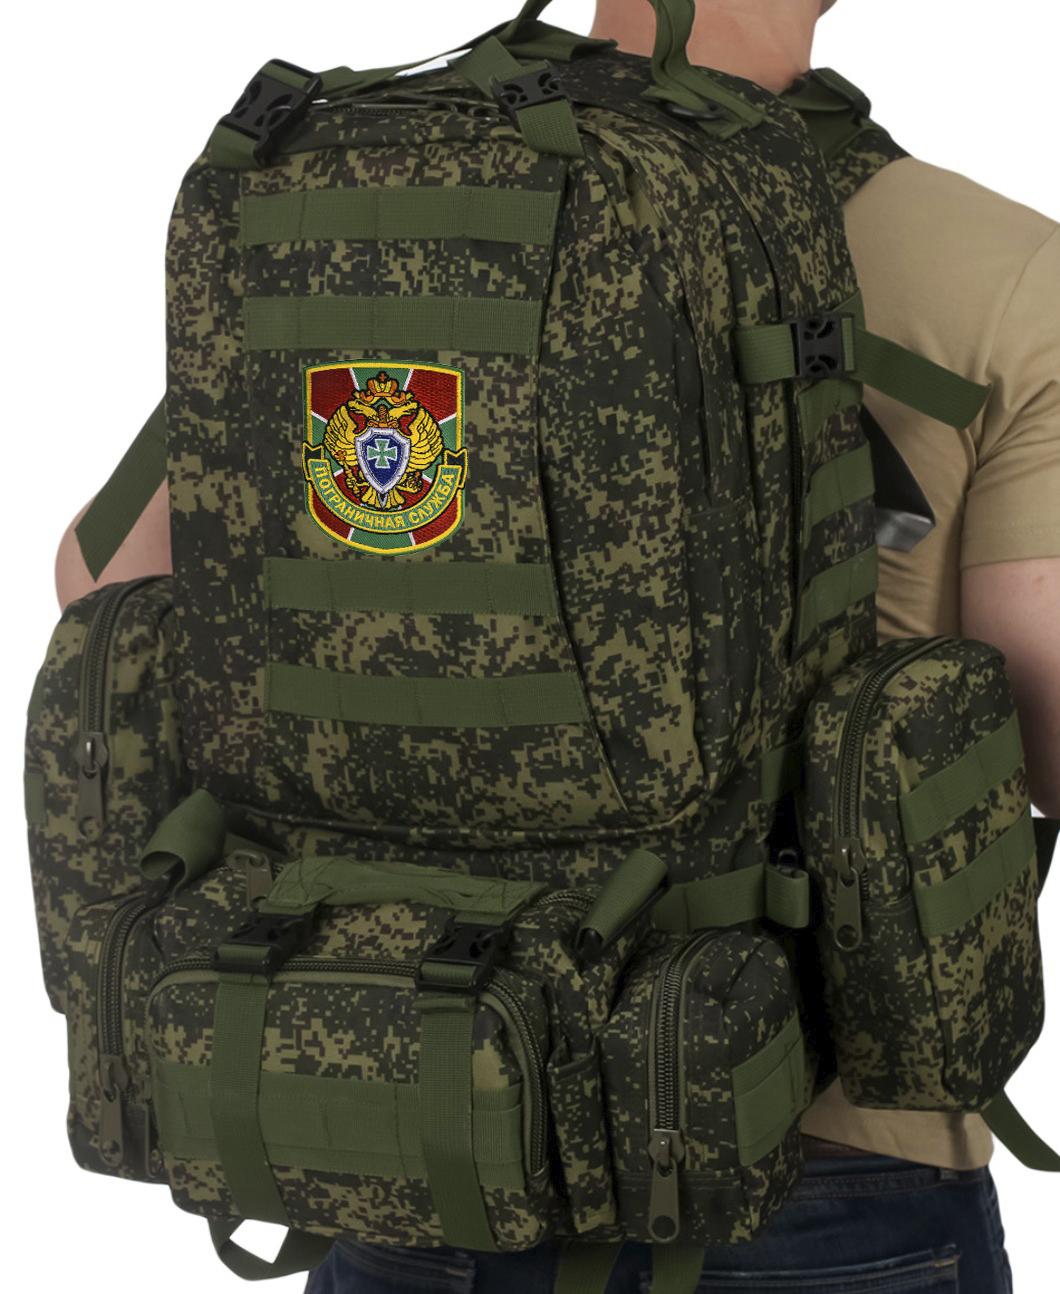 Тактический военный рюкзак с нашивкой Пограничная Служба - купить выгодно